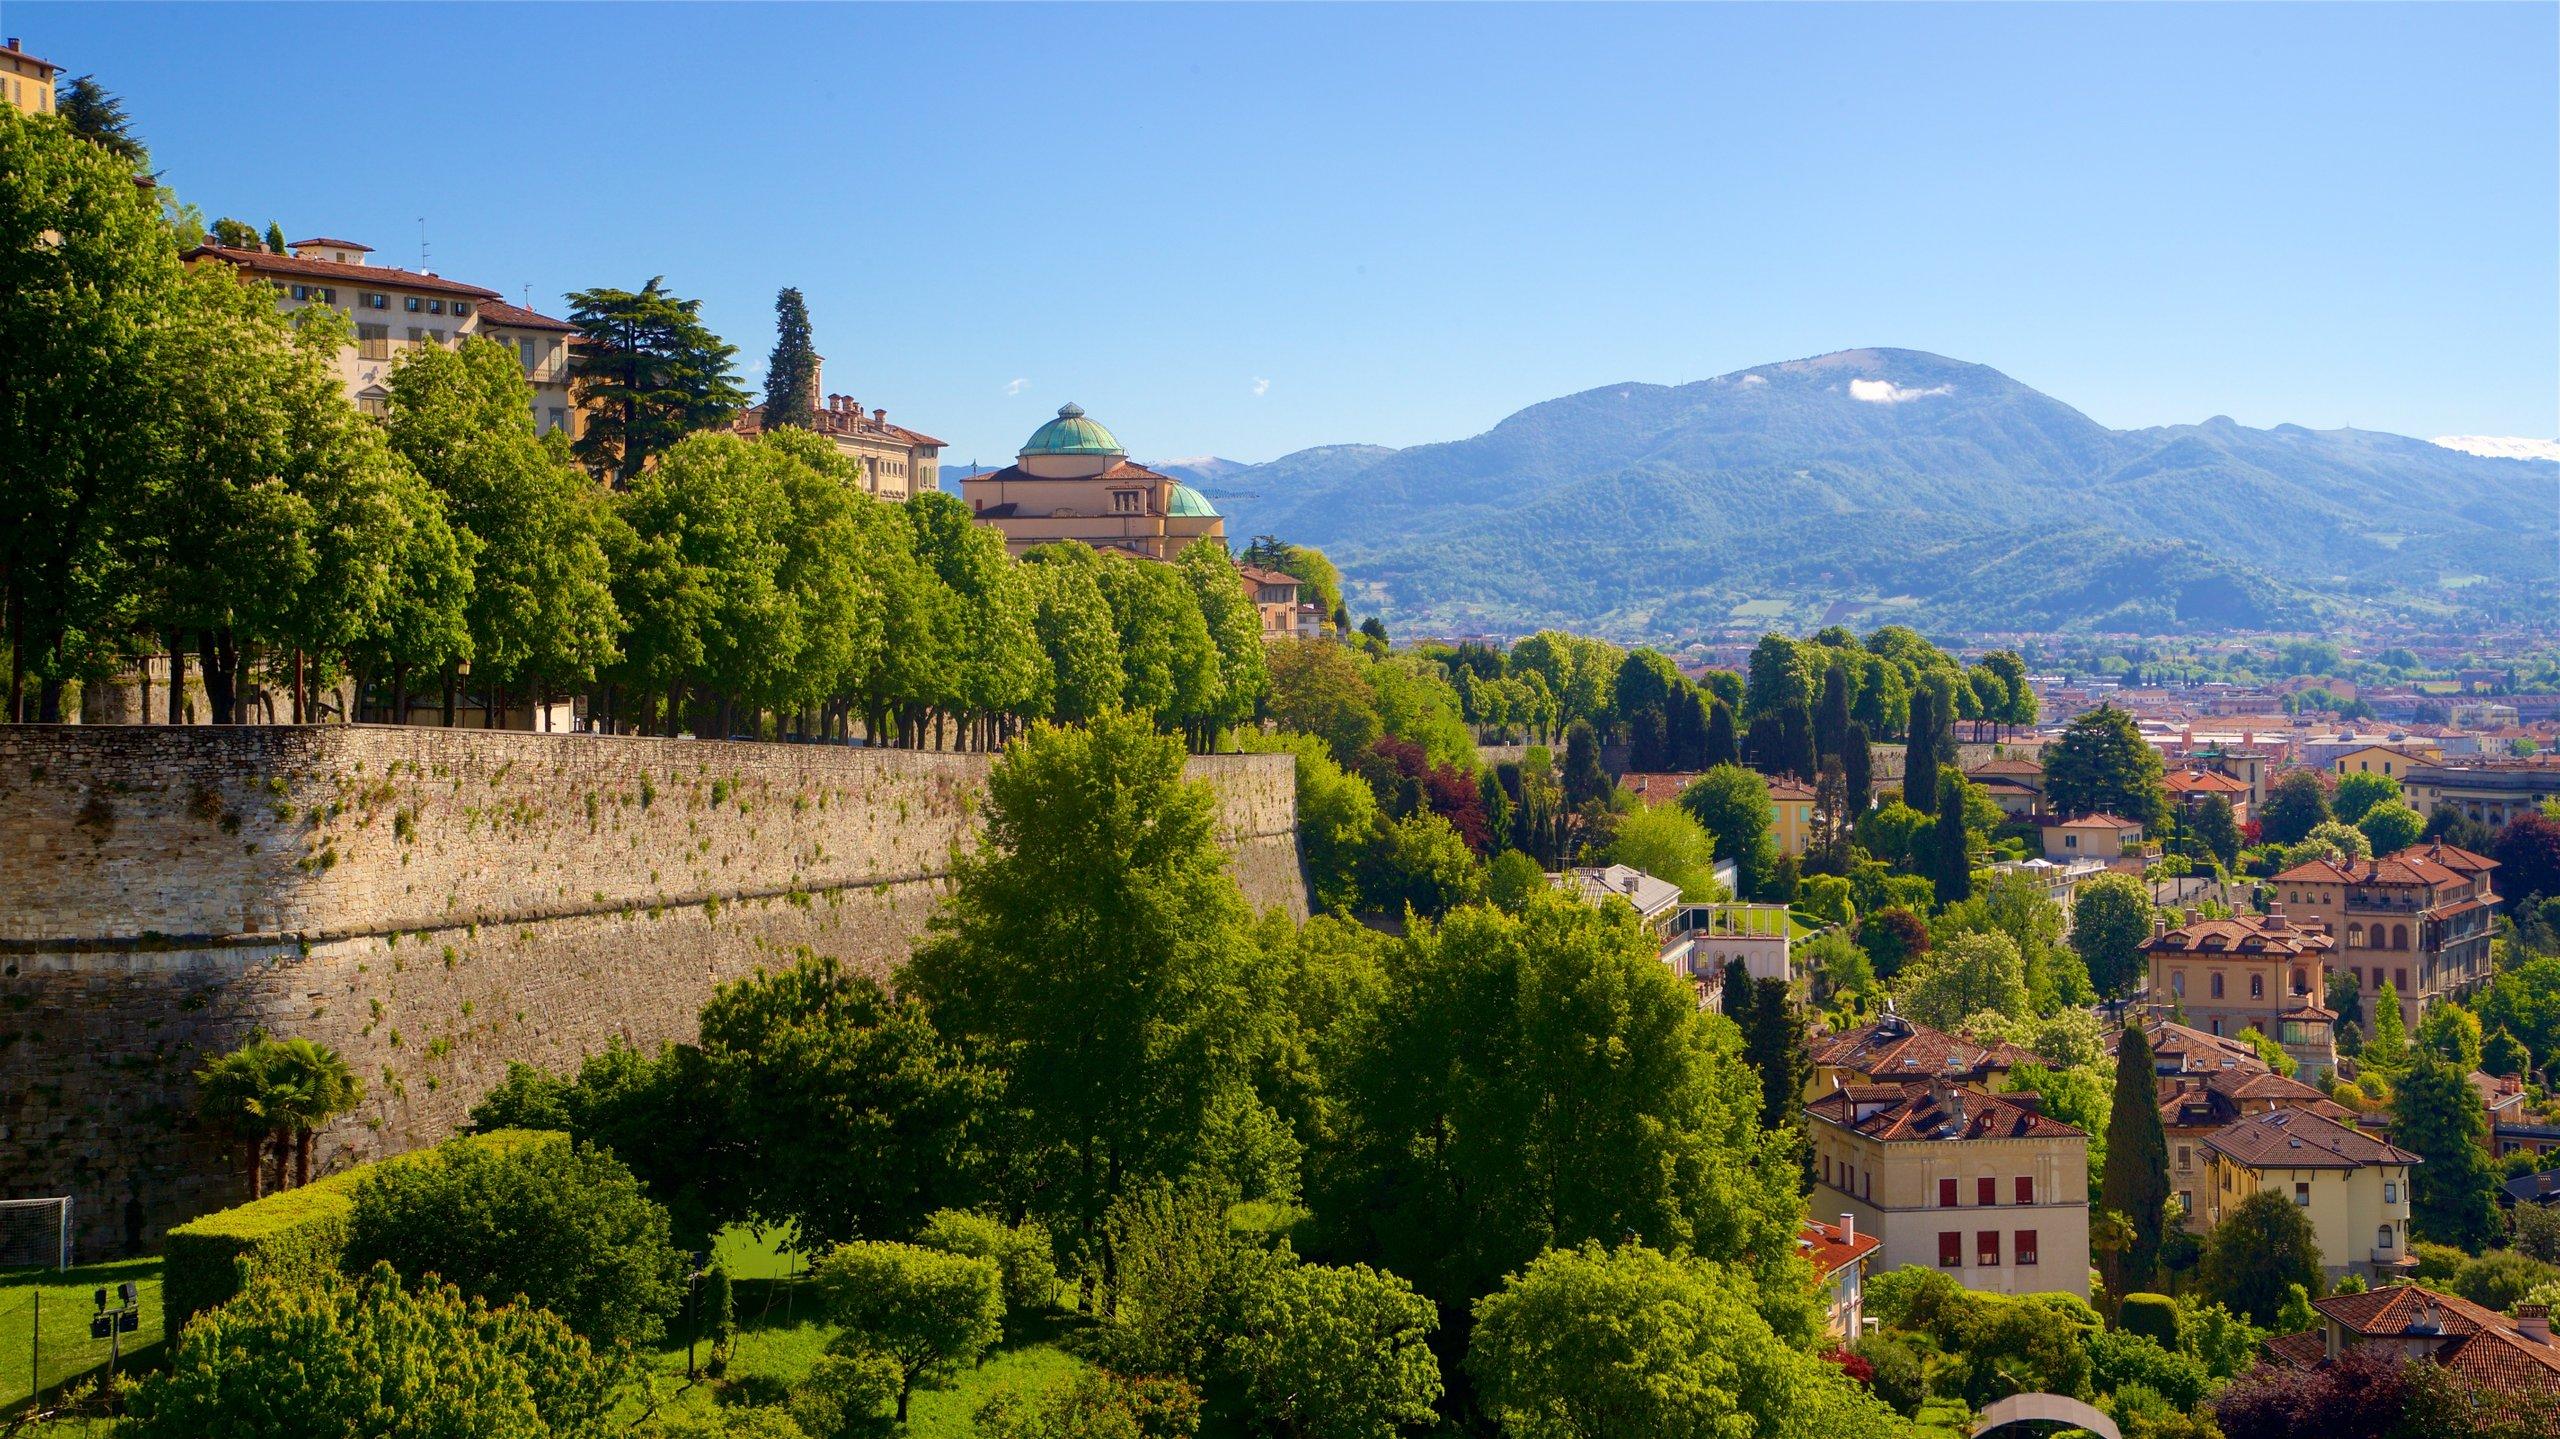 Citta Alta, Bergamo, Lombardy, Italy